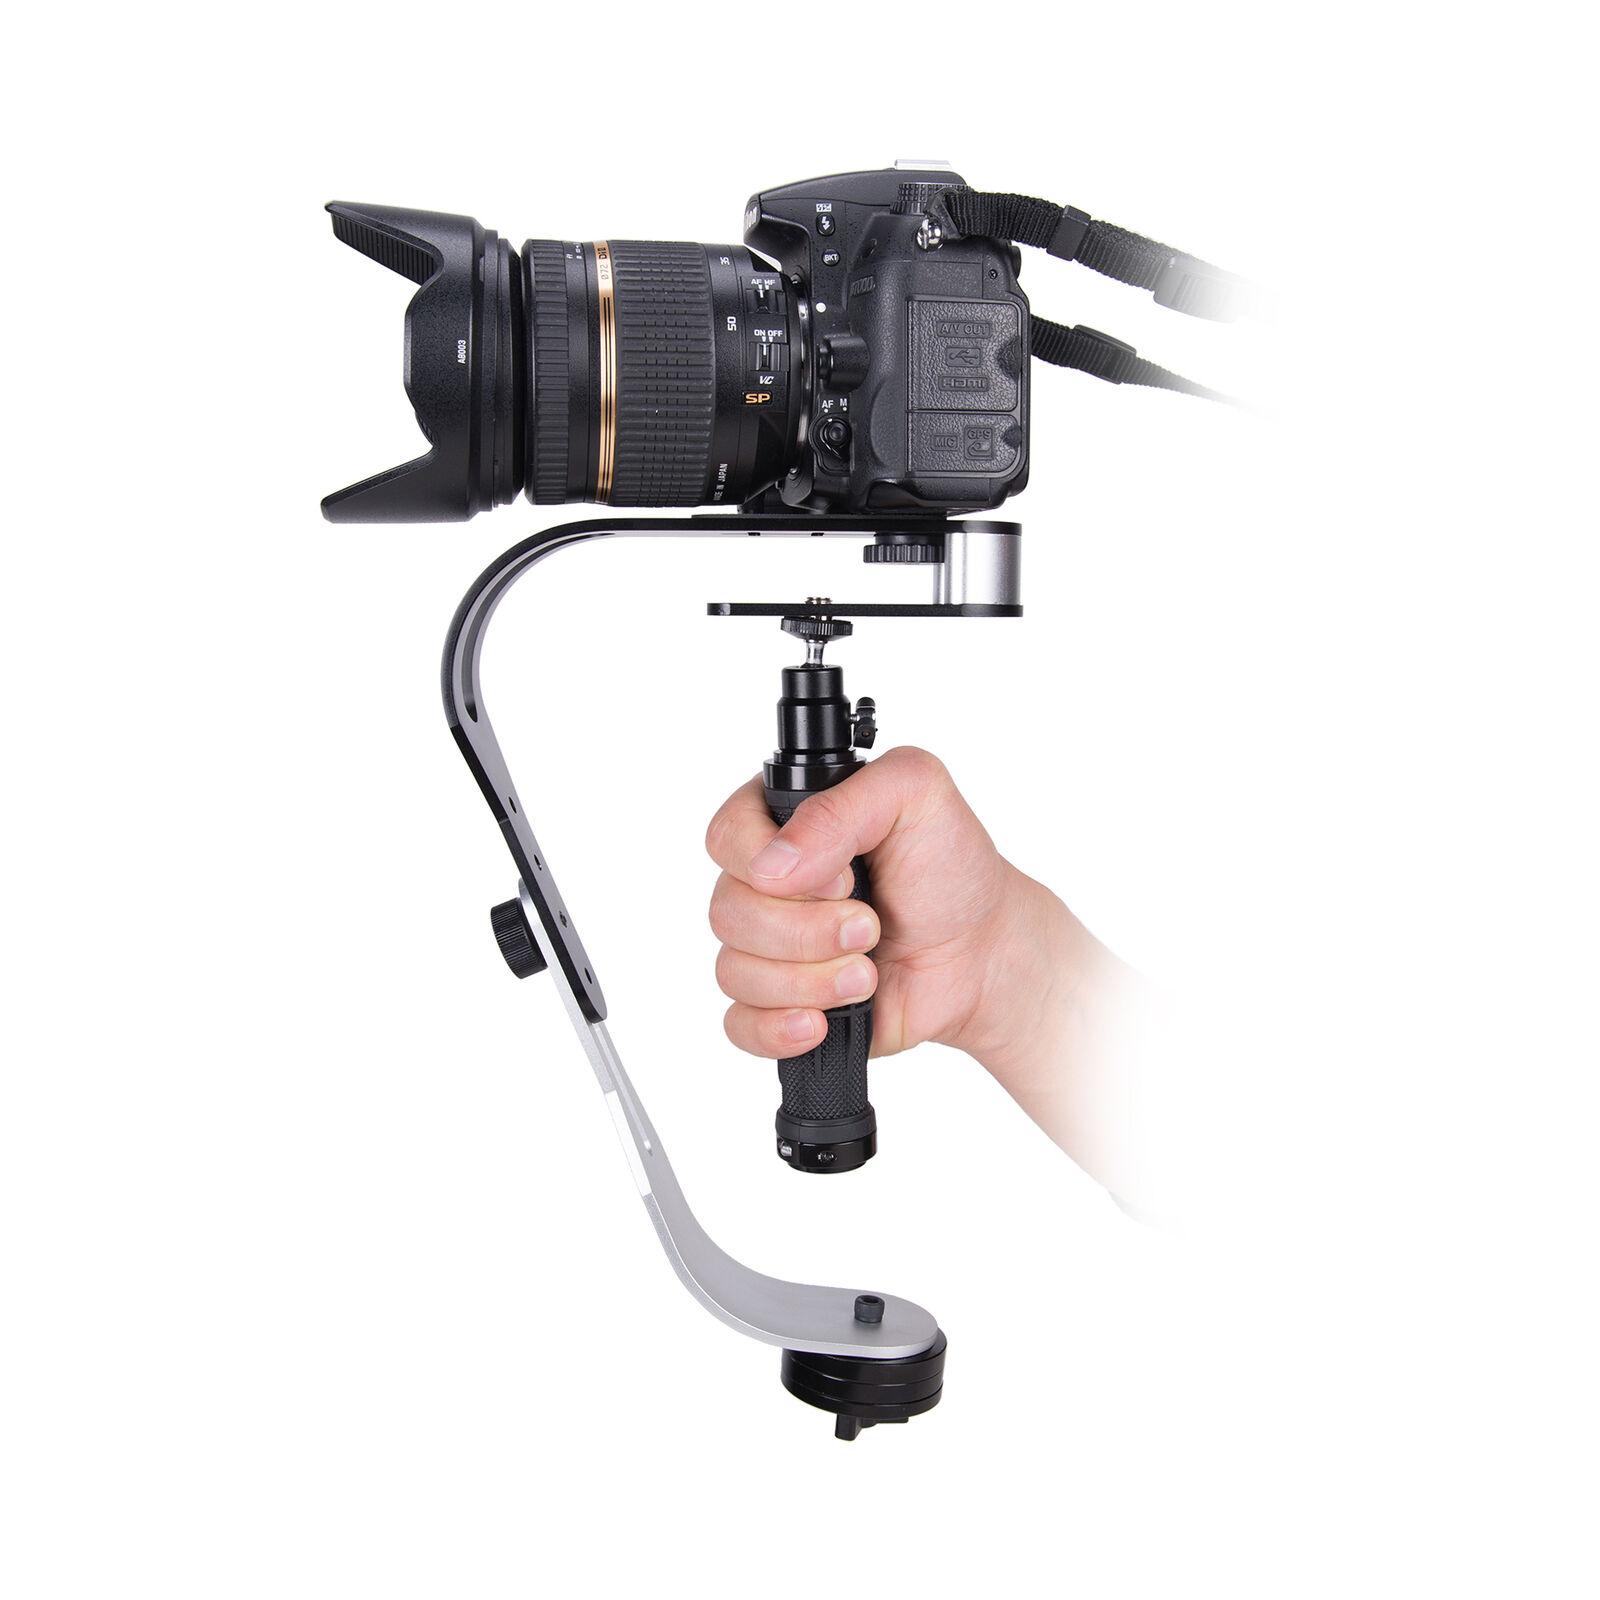 Handheld Camera Stabilizer Video Steadicam Gimbal for DSLR Gopro Smartphone black